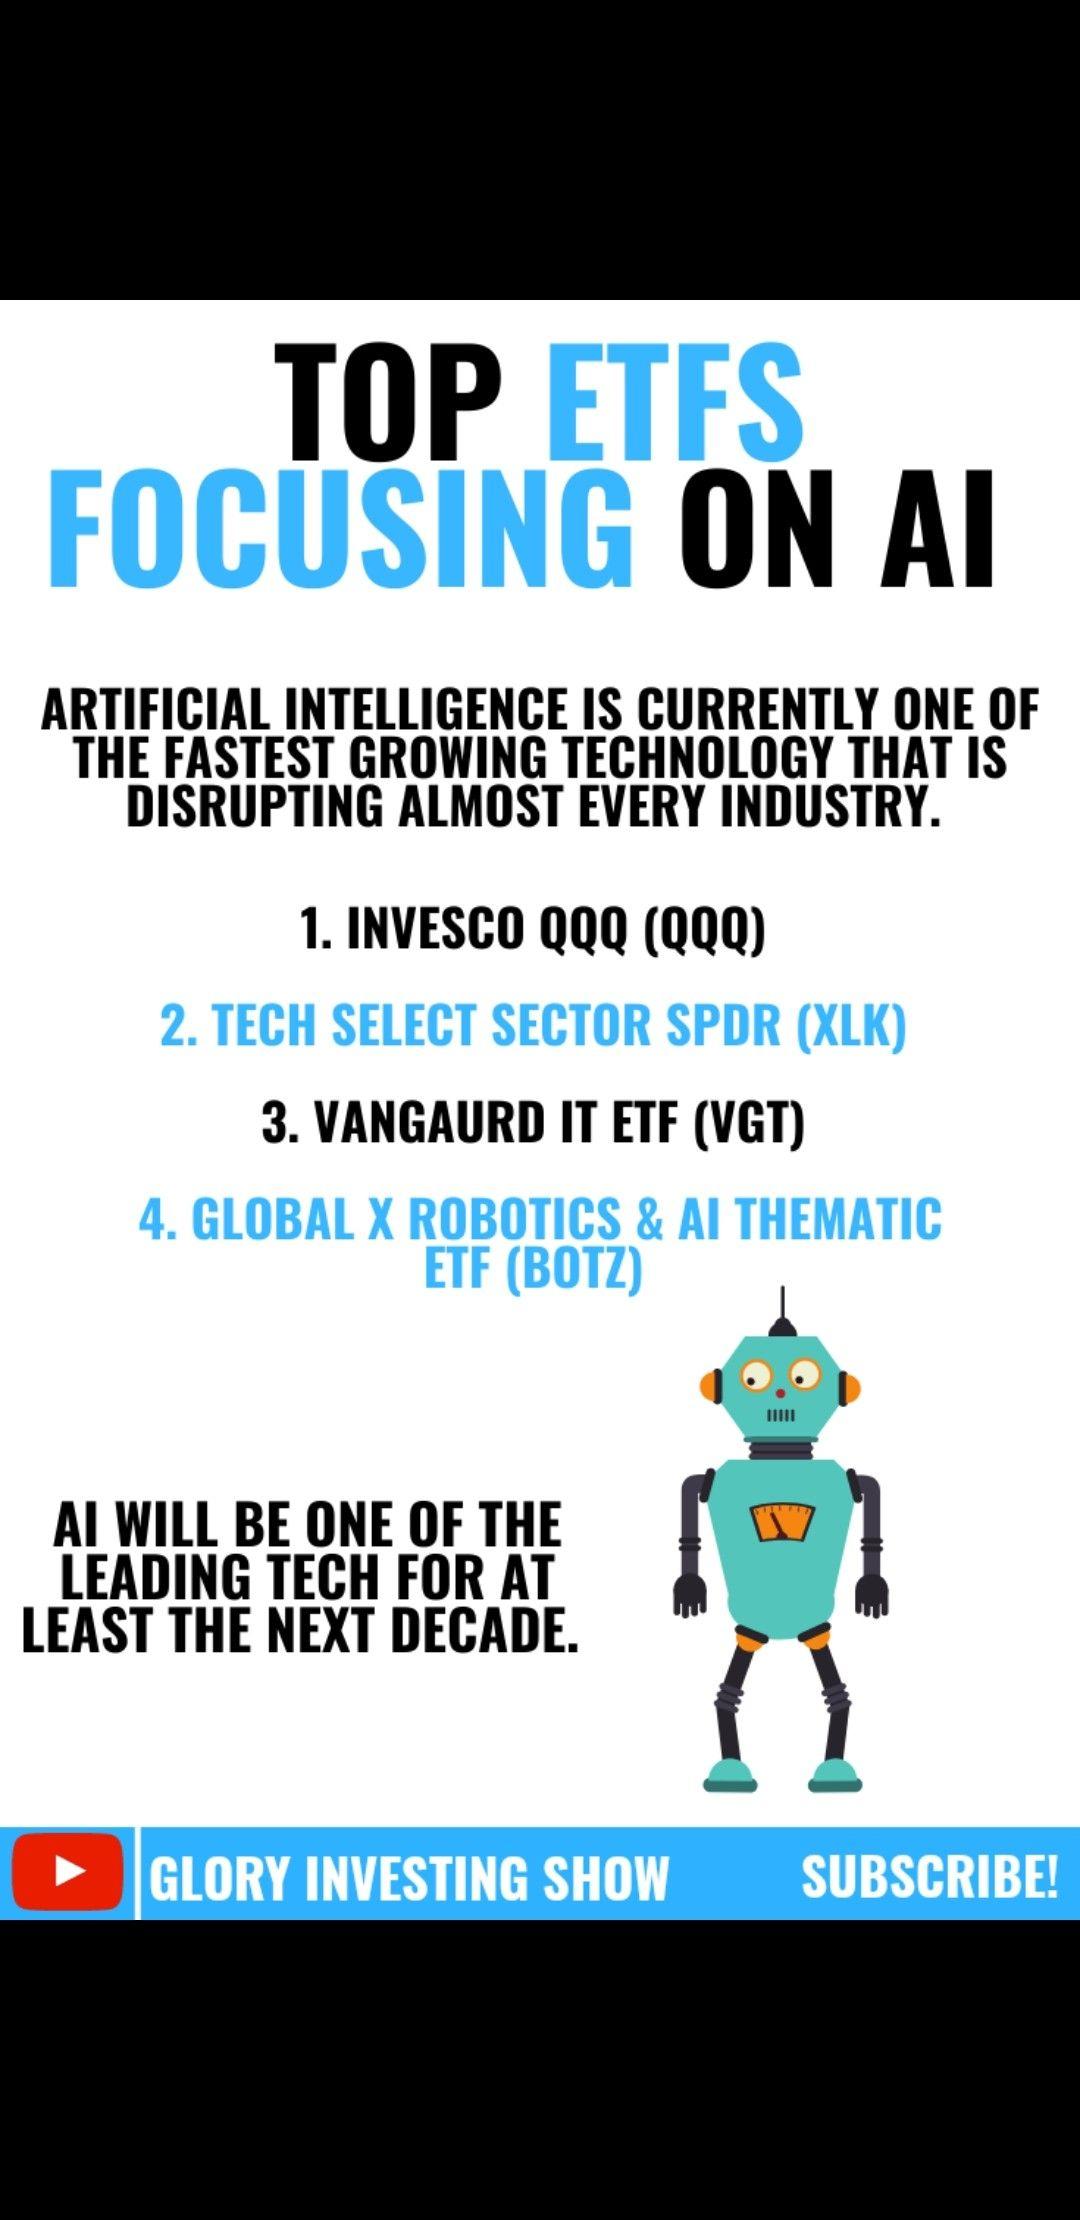 Technology Xlk